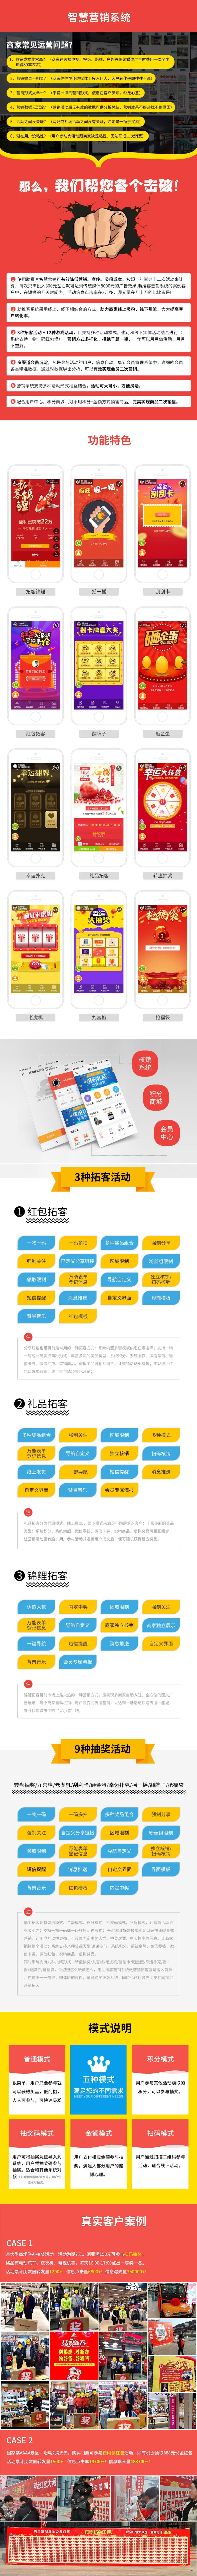 智慧营销系统.jpg